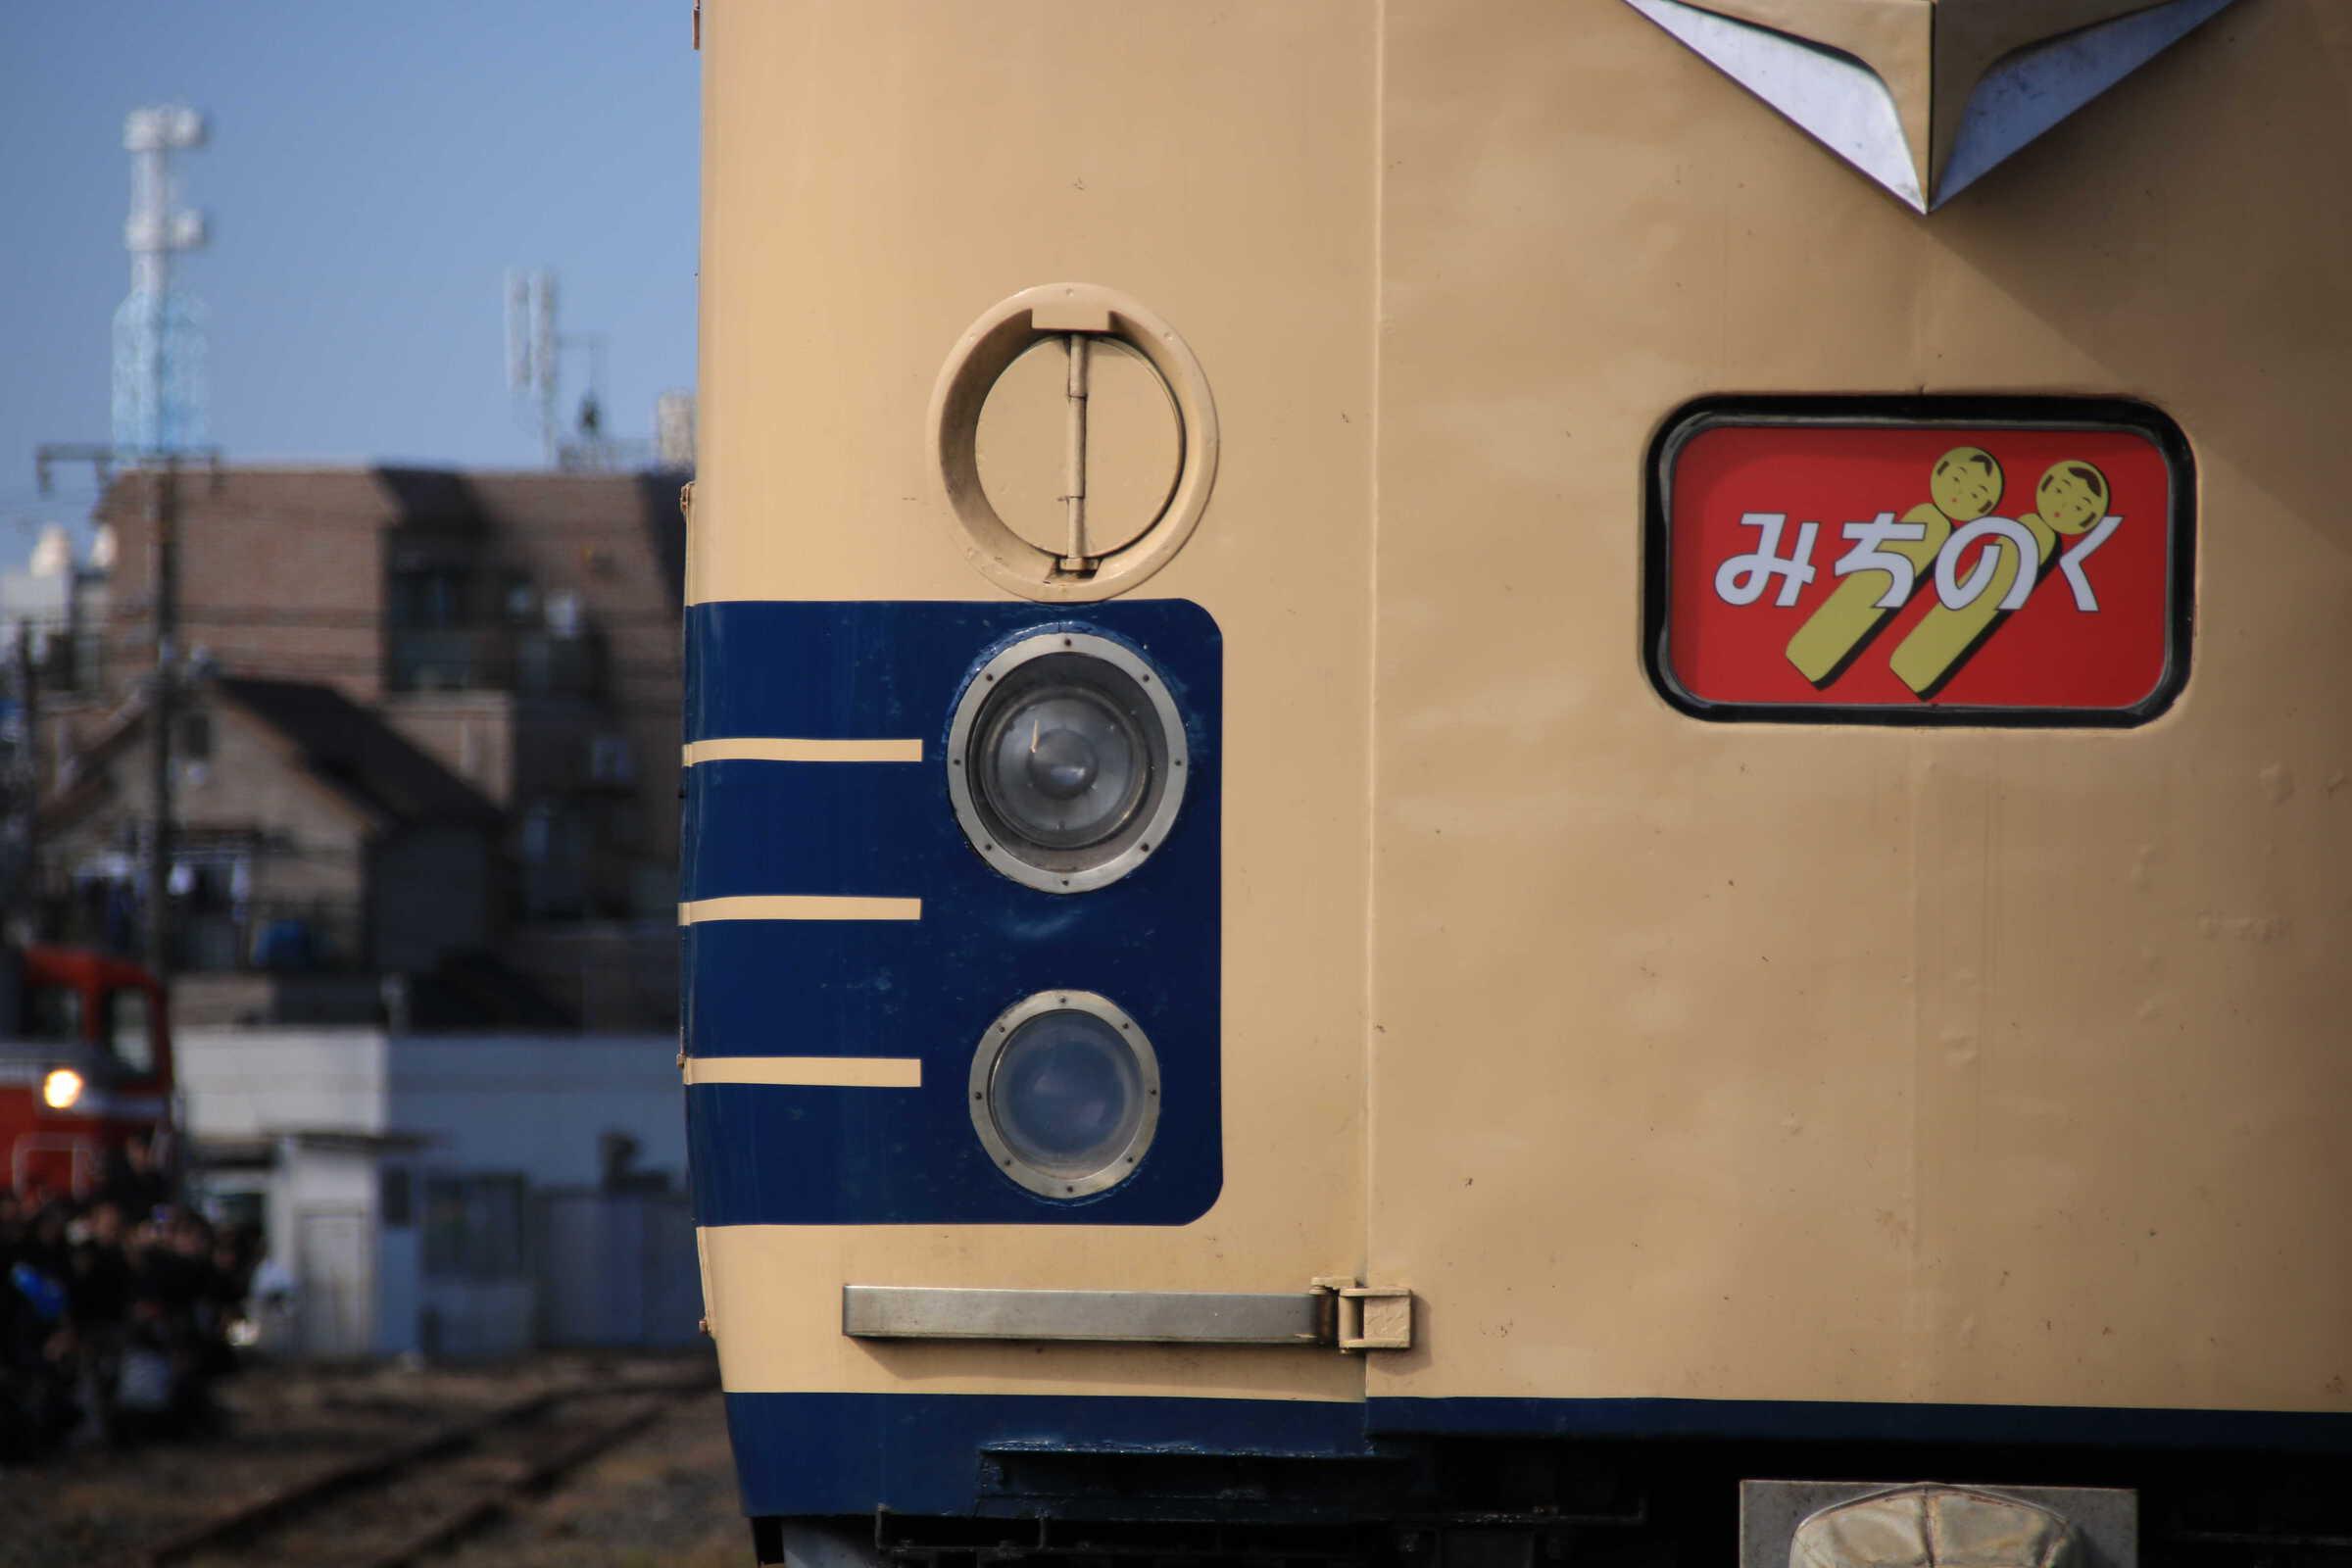 583系 秋アキN1+N2編成 上野方 みちのく幕, 大宮方 臨時幕